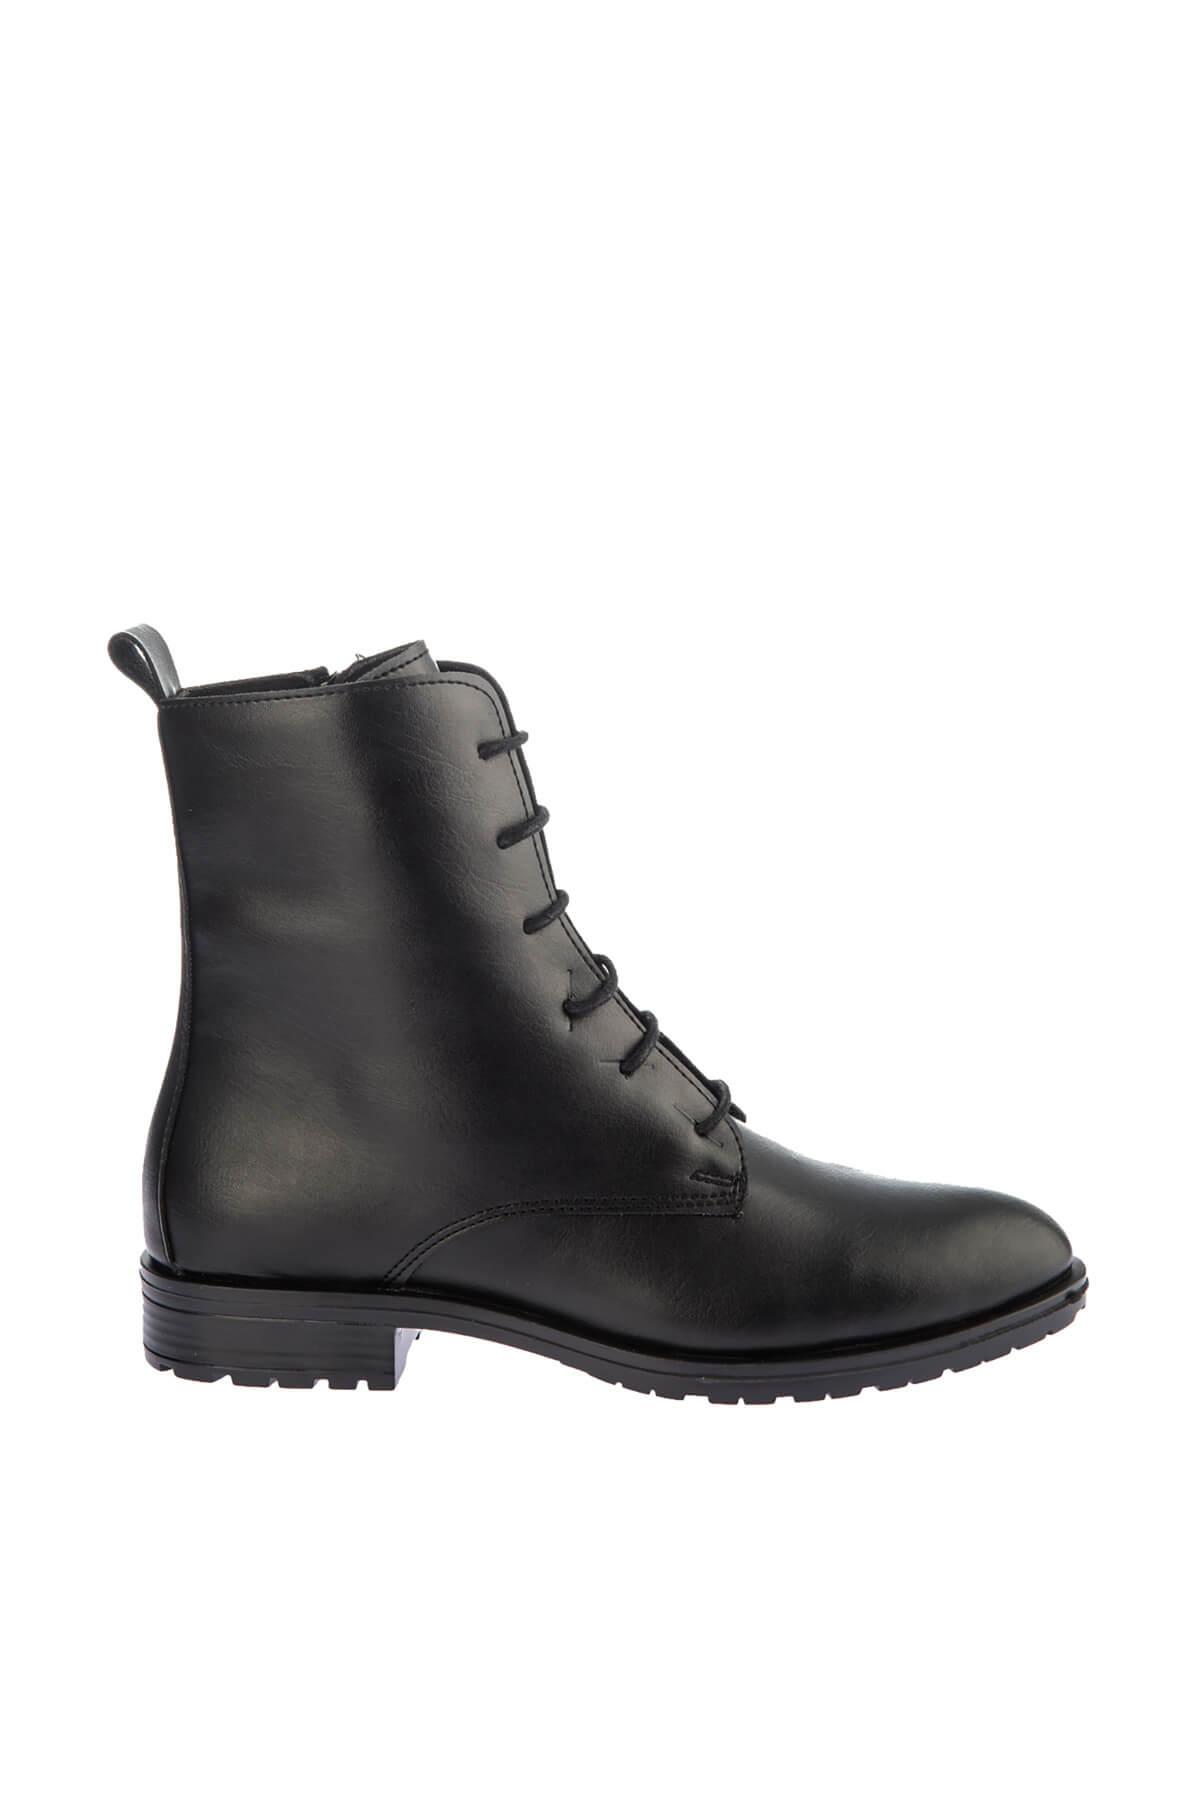 Fox Shoes Siyah Kadın Bot E288496009 2